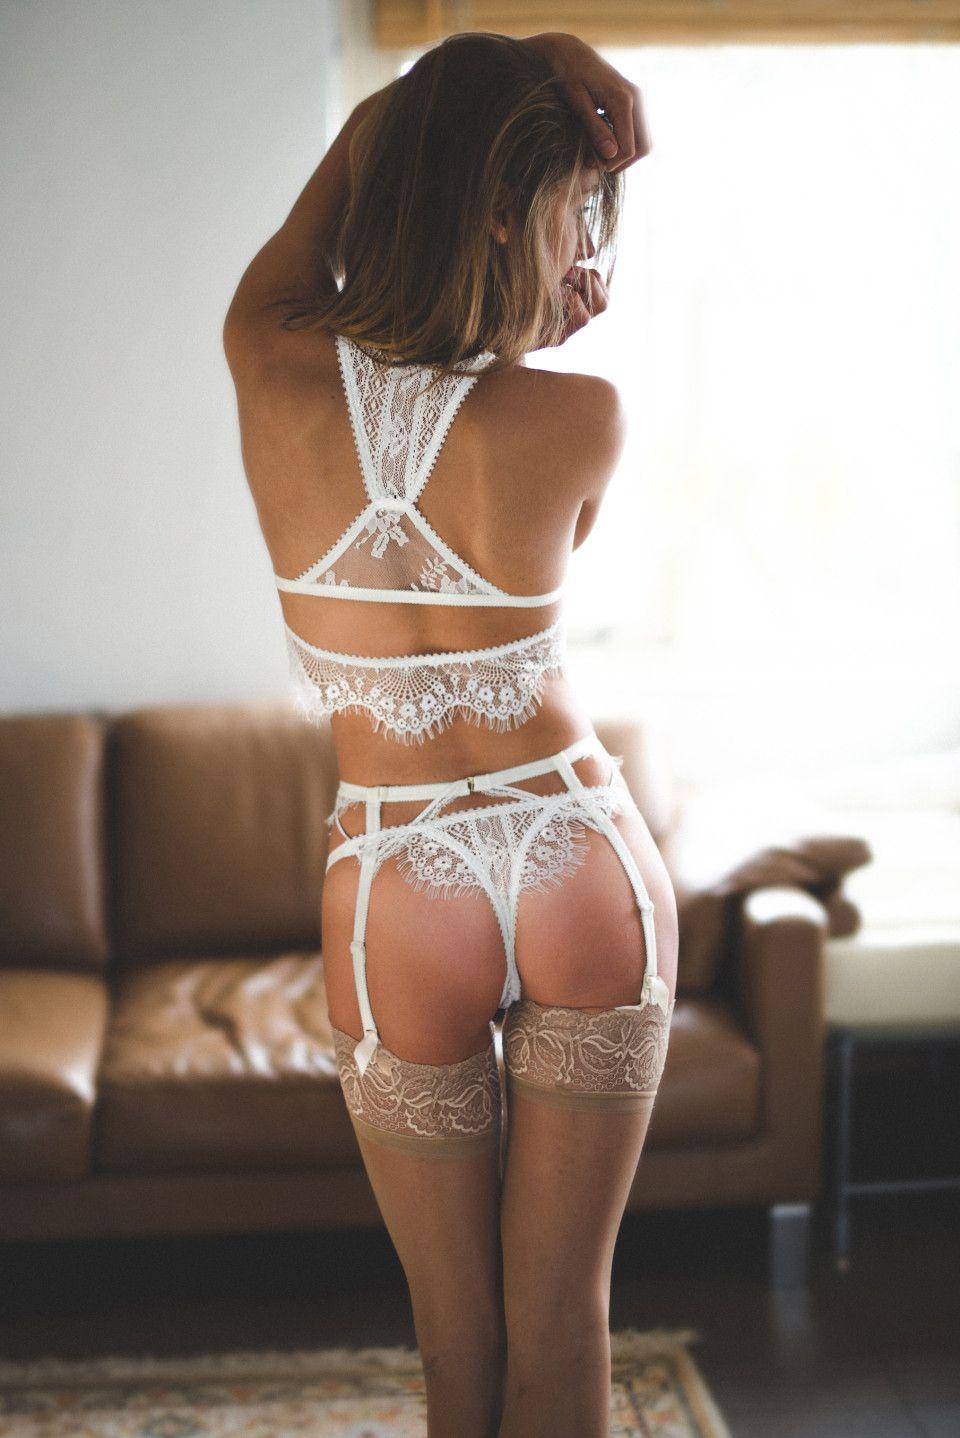 Marisa Papen Topless (6 Photos)